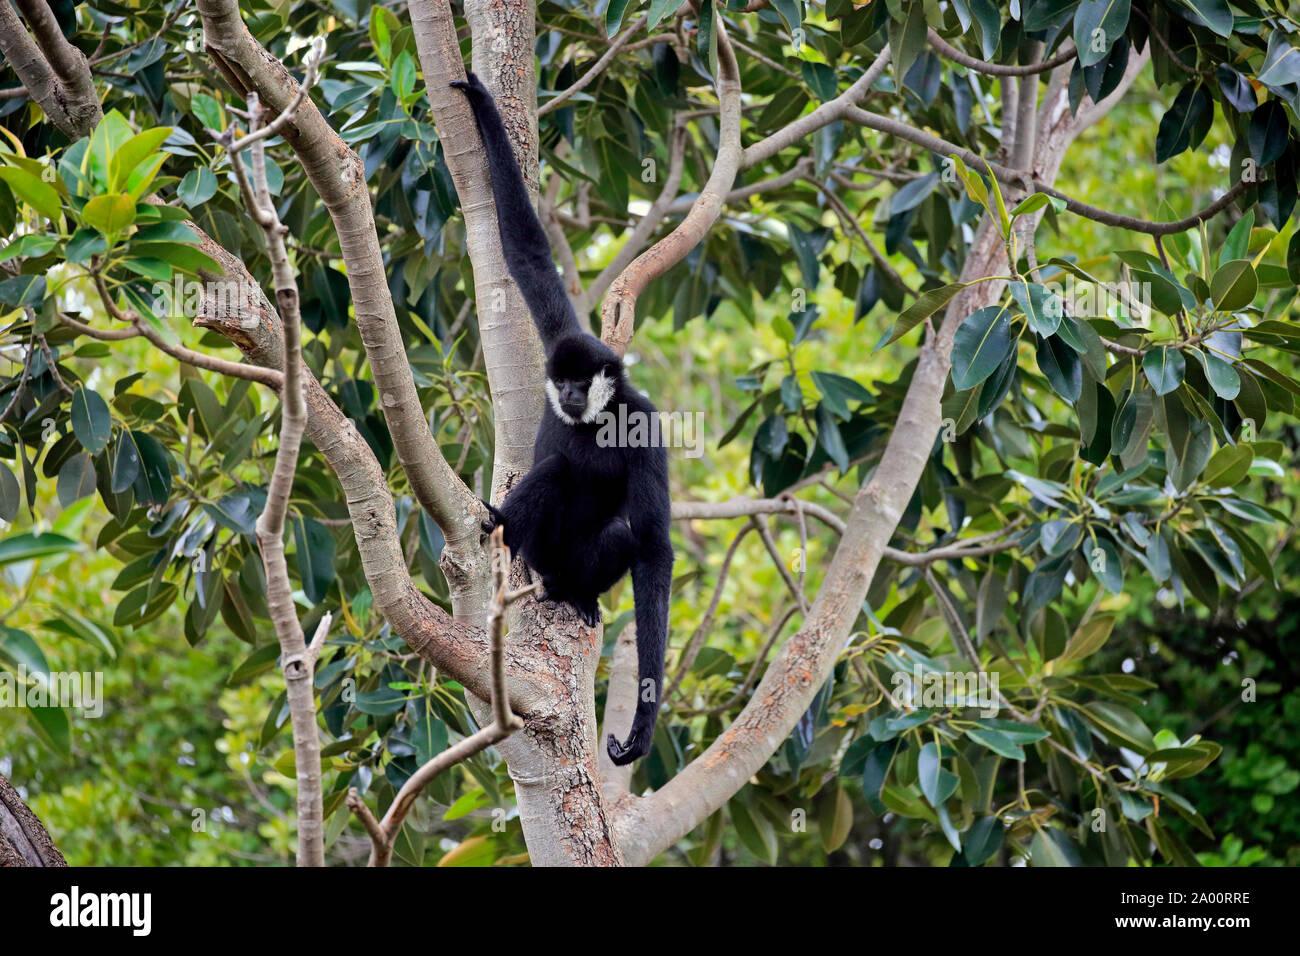 Le nord de l'White-Cheeked Gibbon, mâle adulte sur arbre, captive, Adélaïde, Australie du Sud, Australie, (Nomascus leucogenys) Banque D'Images